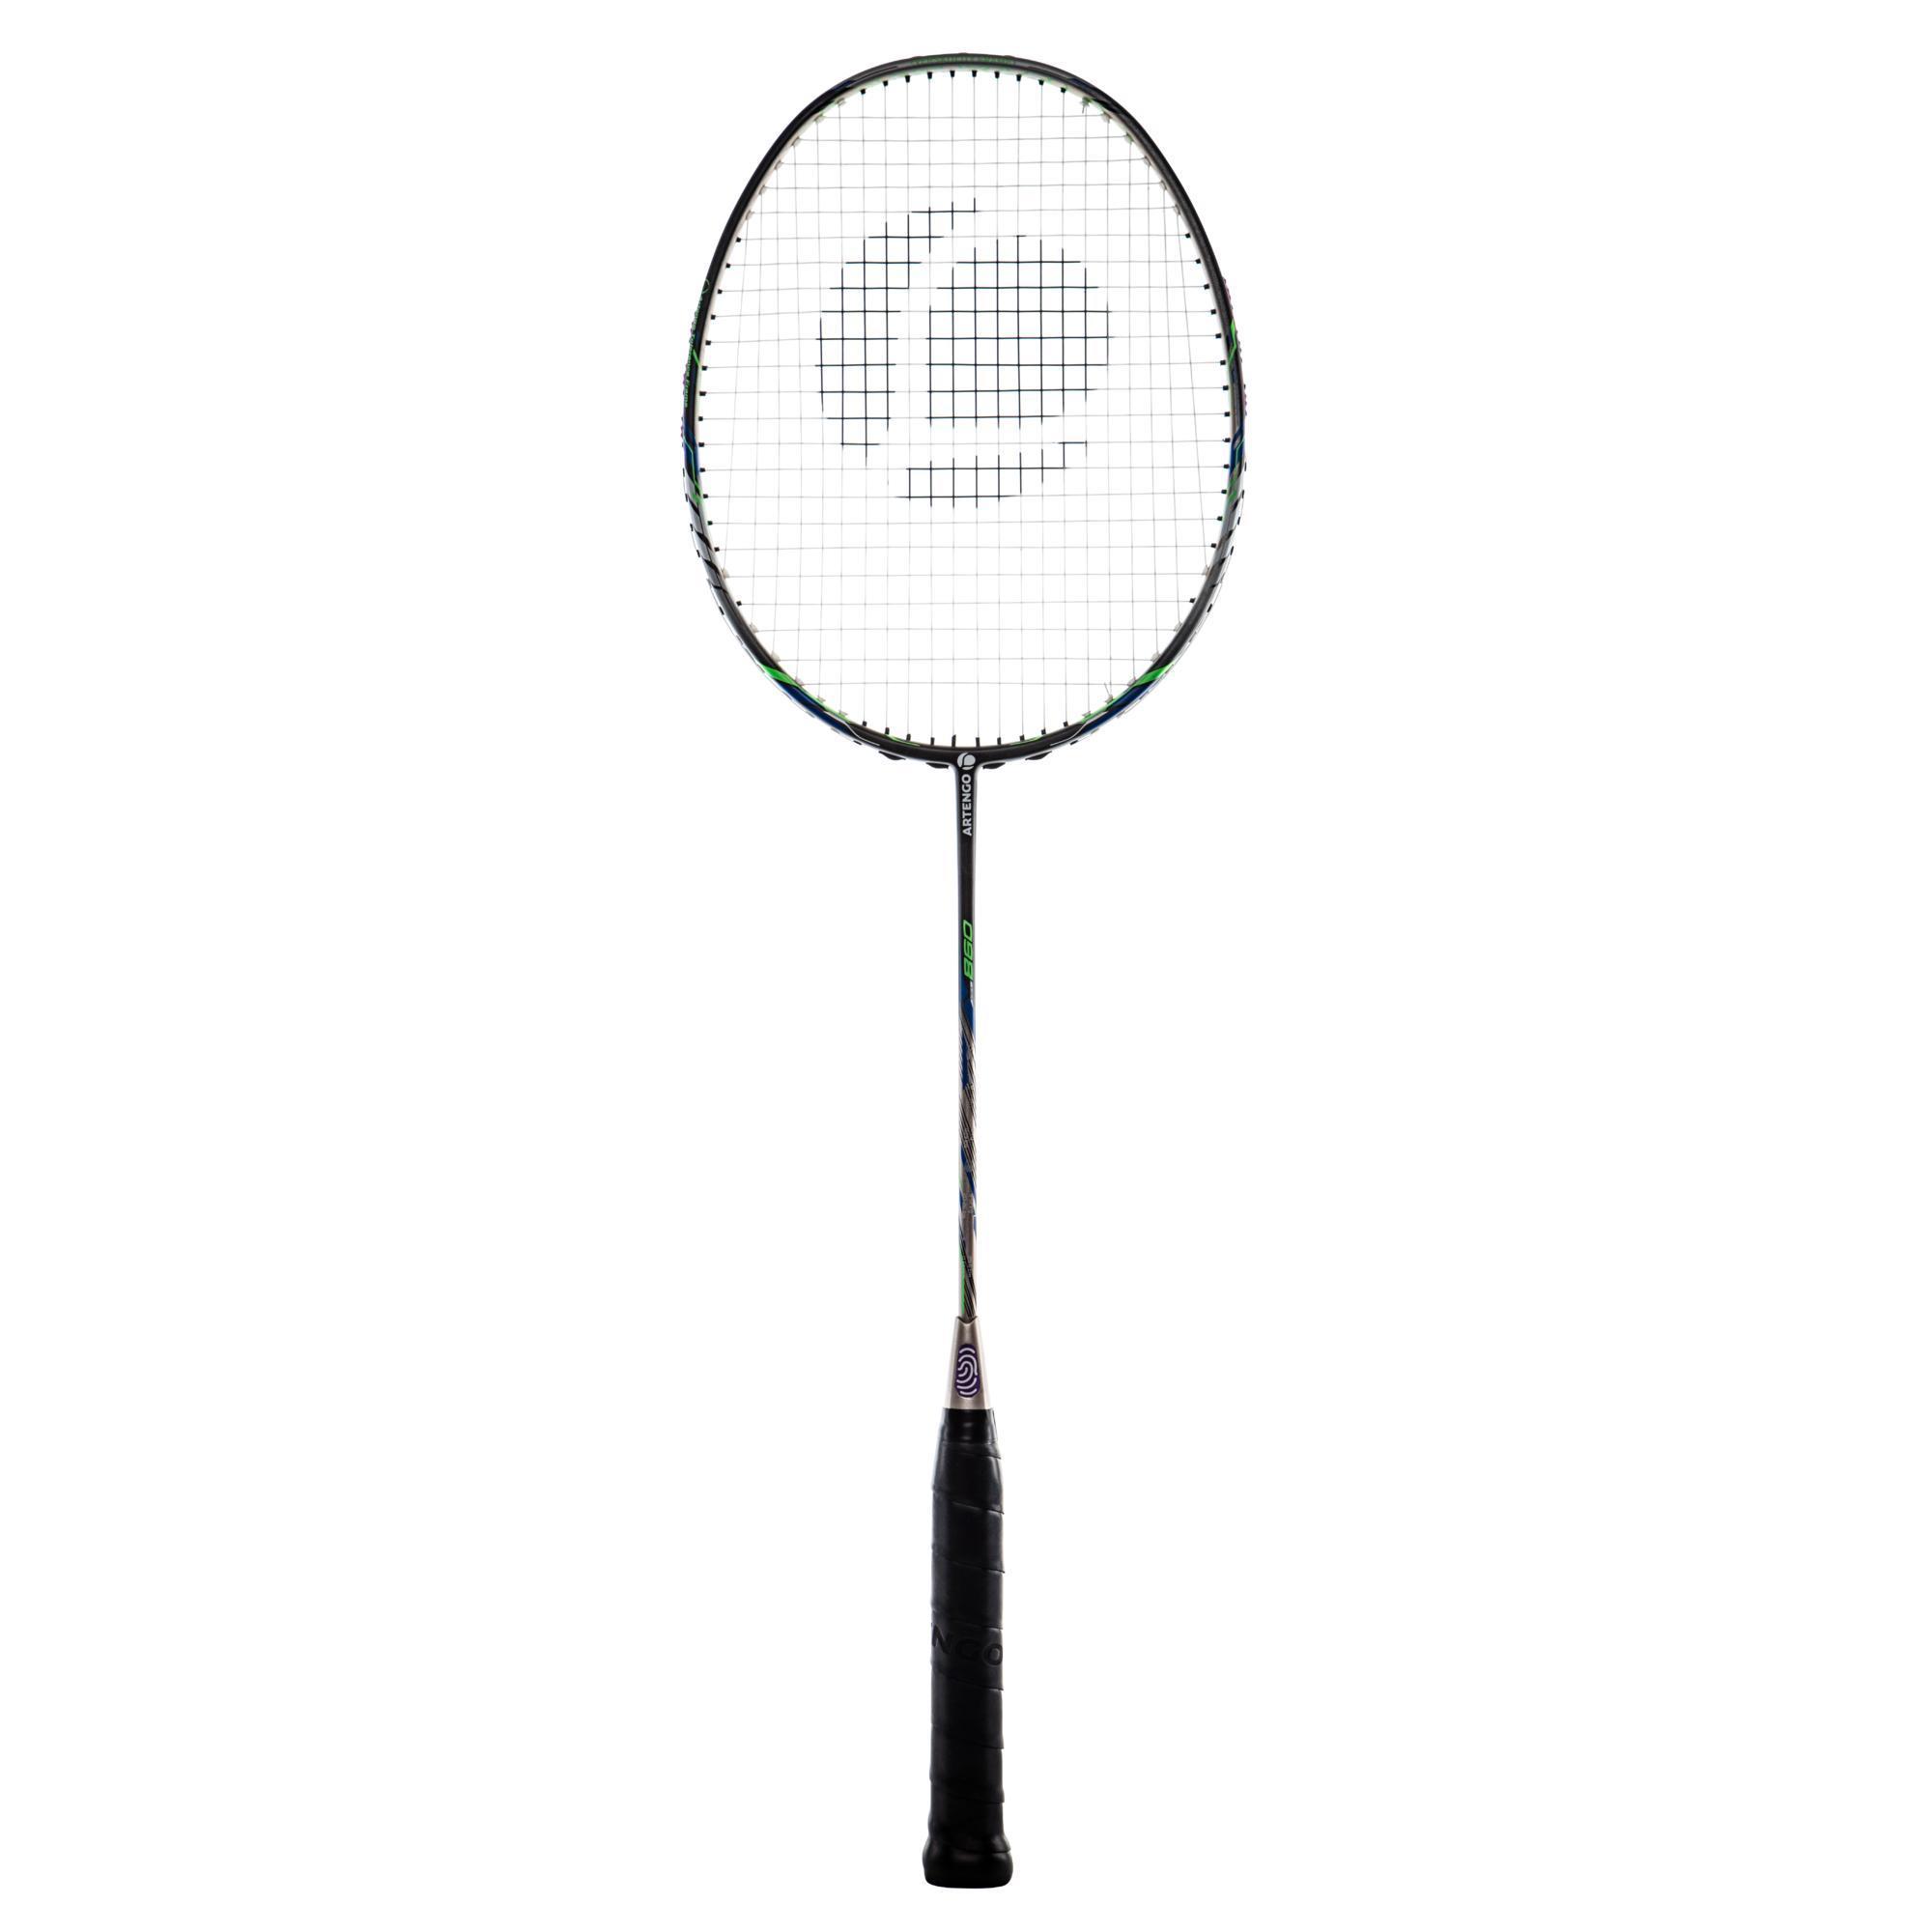 Artengo Badmintonracket BR860 voor volwassenen klassiek goud